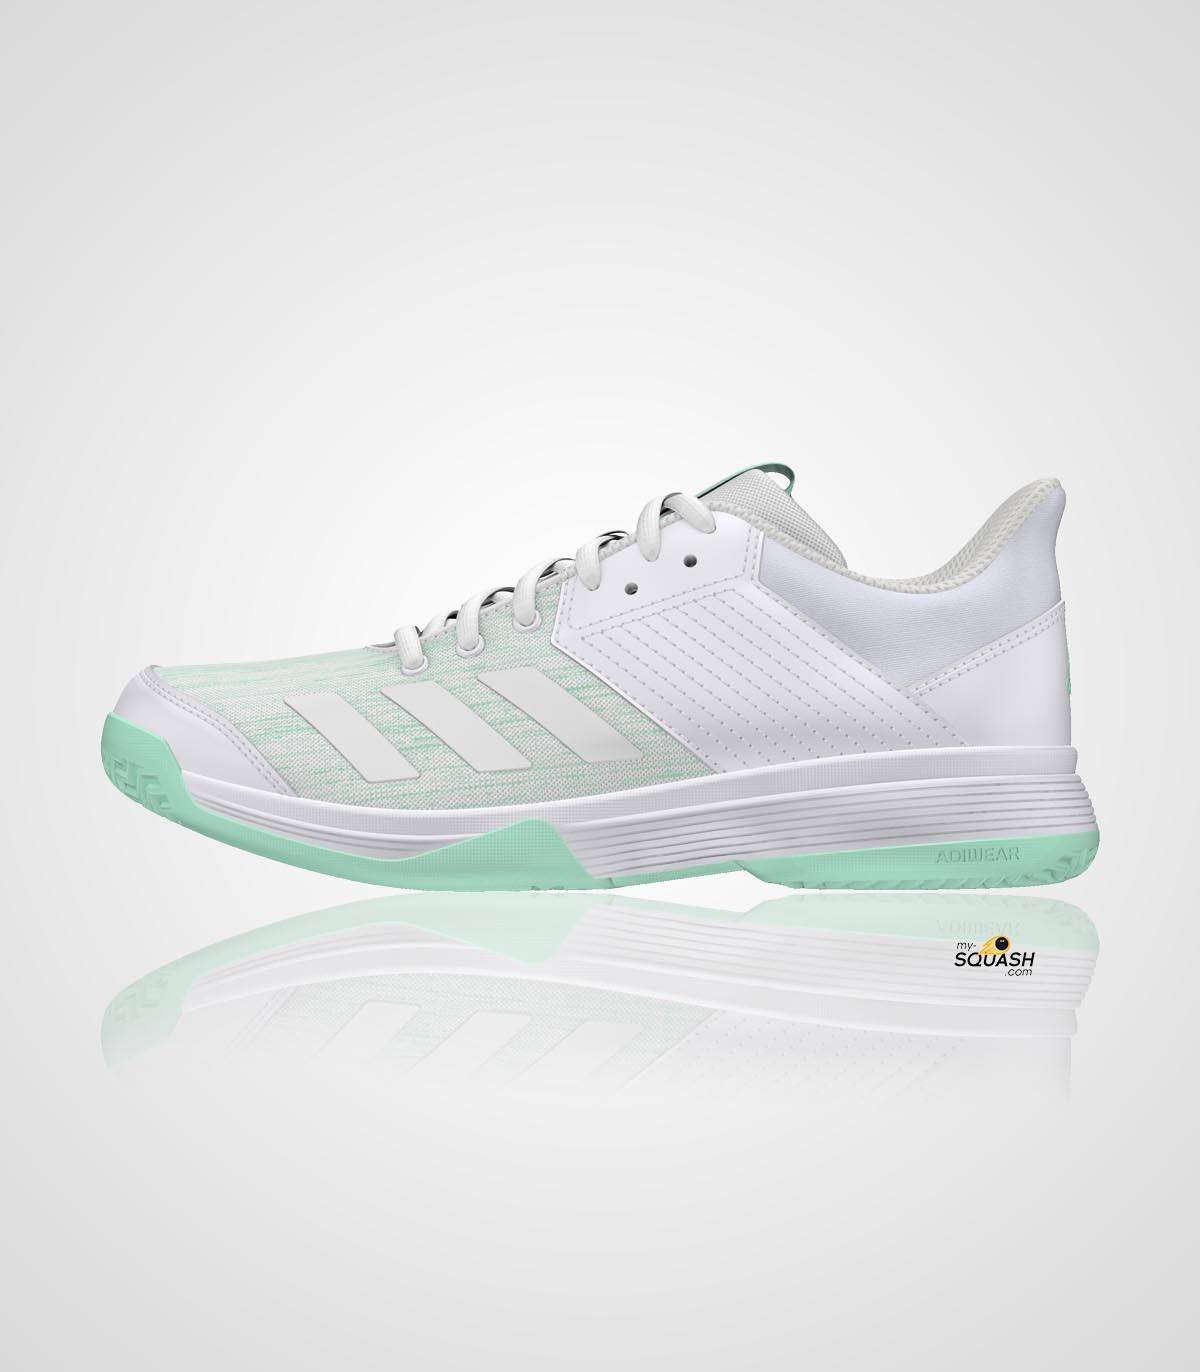 e2daeb5913d Adidas Ligra 6 Squash shoes